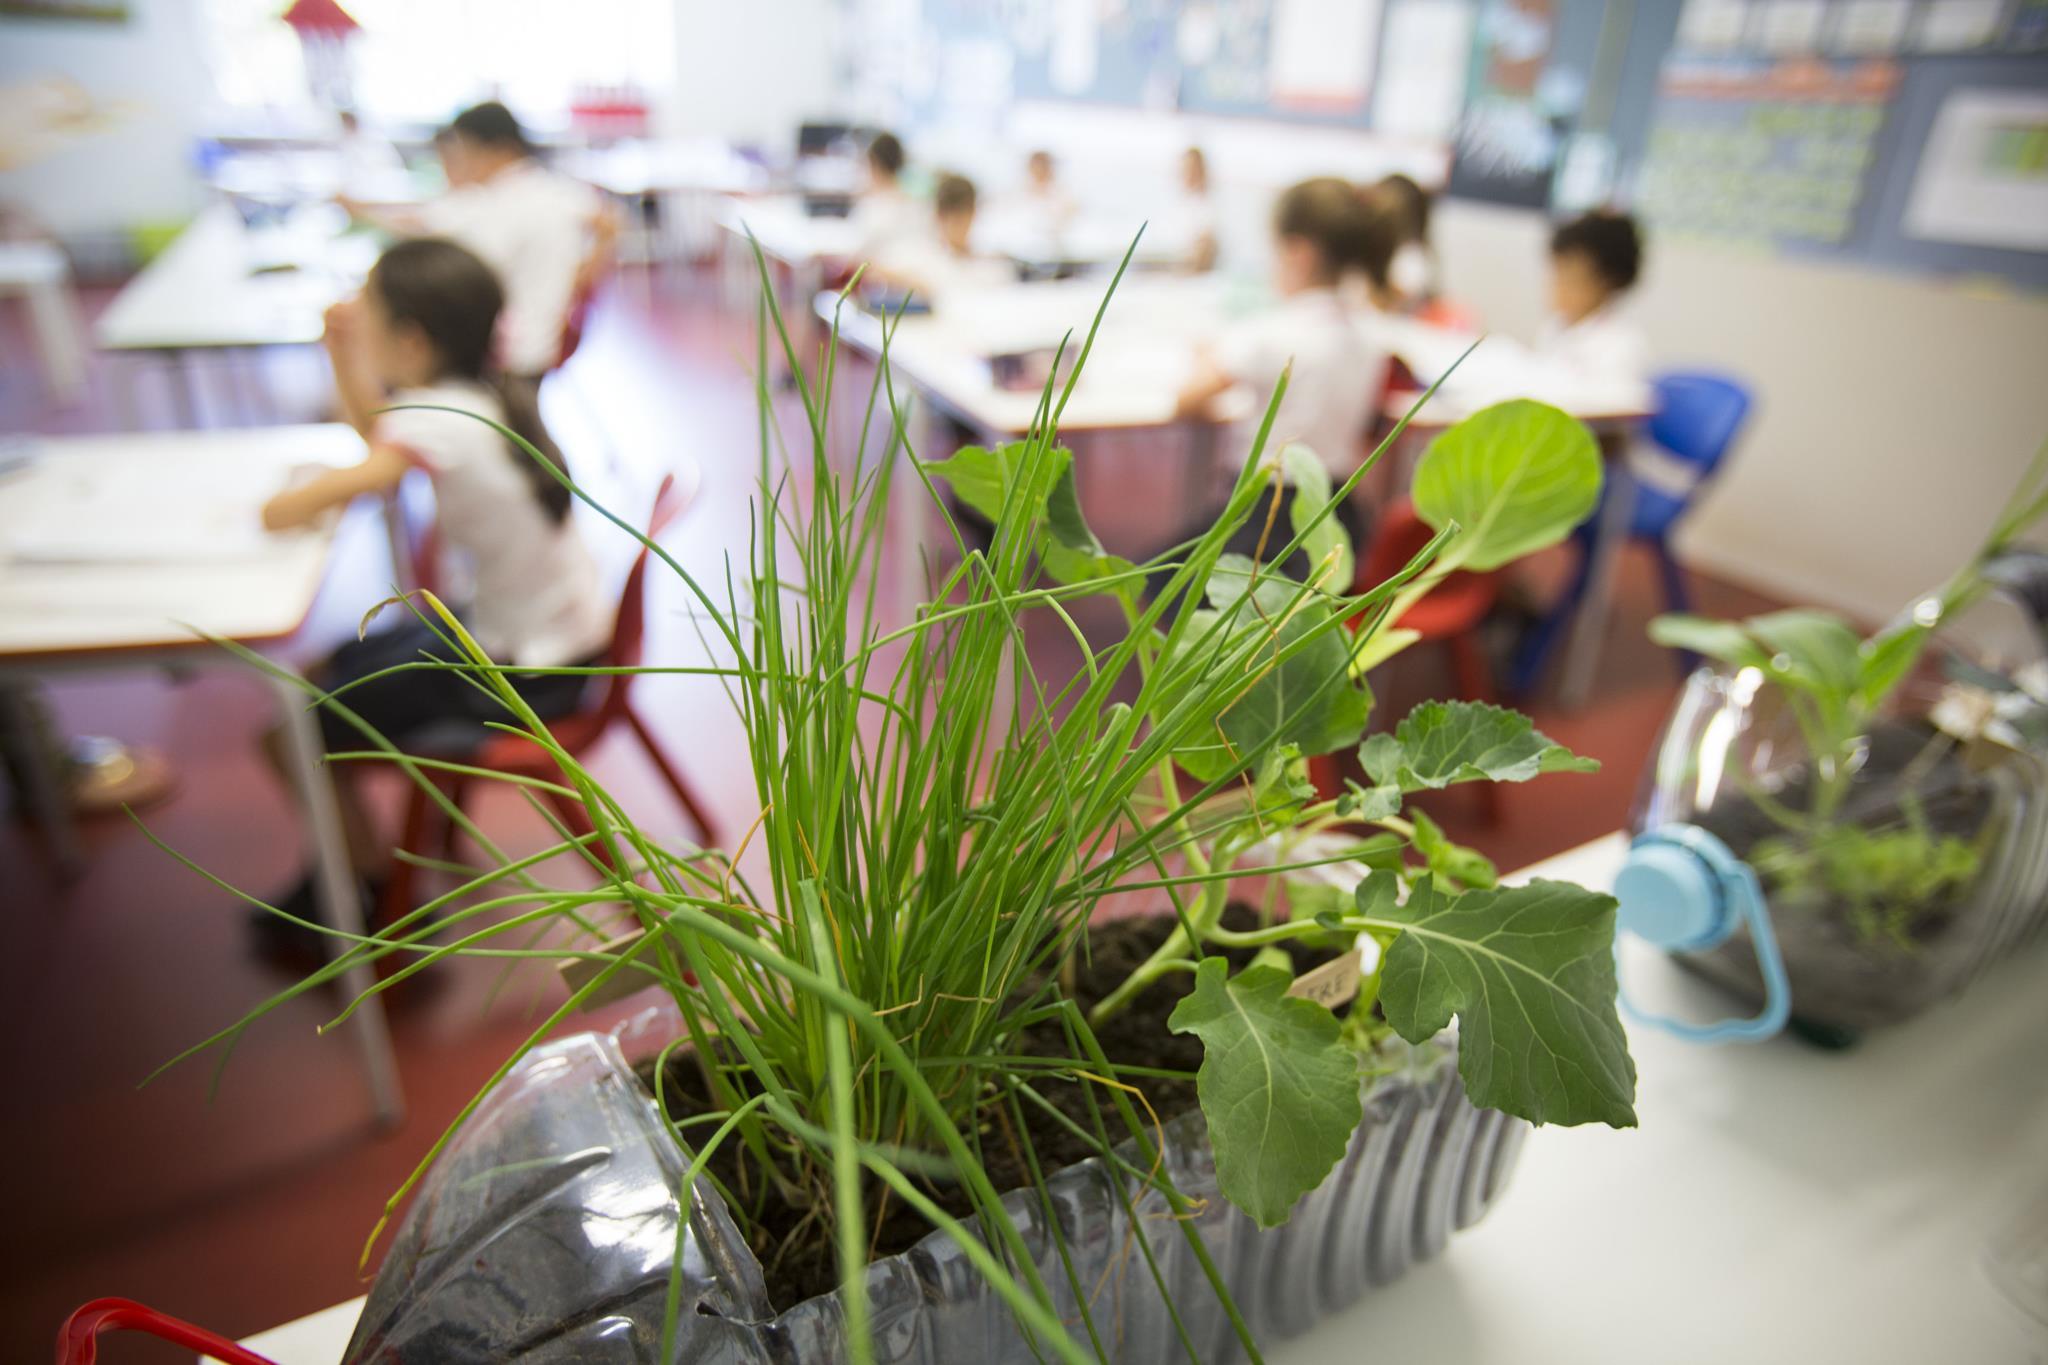 PÚBLICO - Escola plantou hortas em todas as salas para erradicar a fome